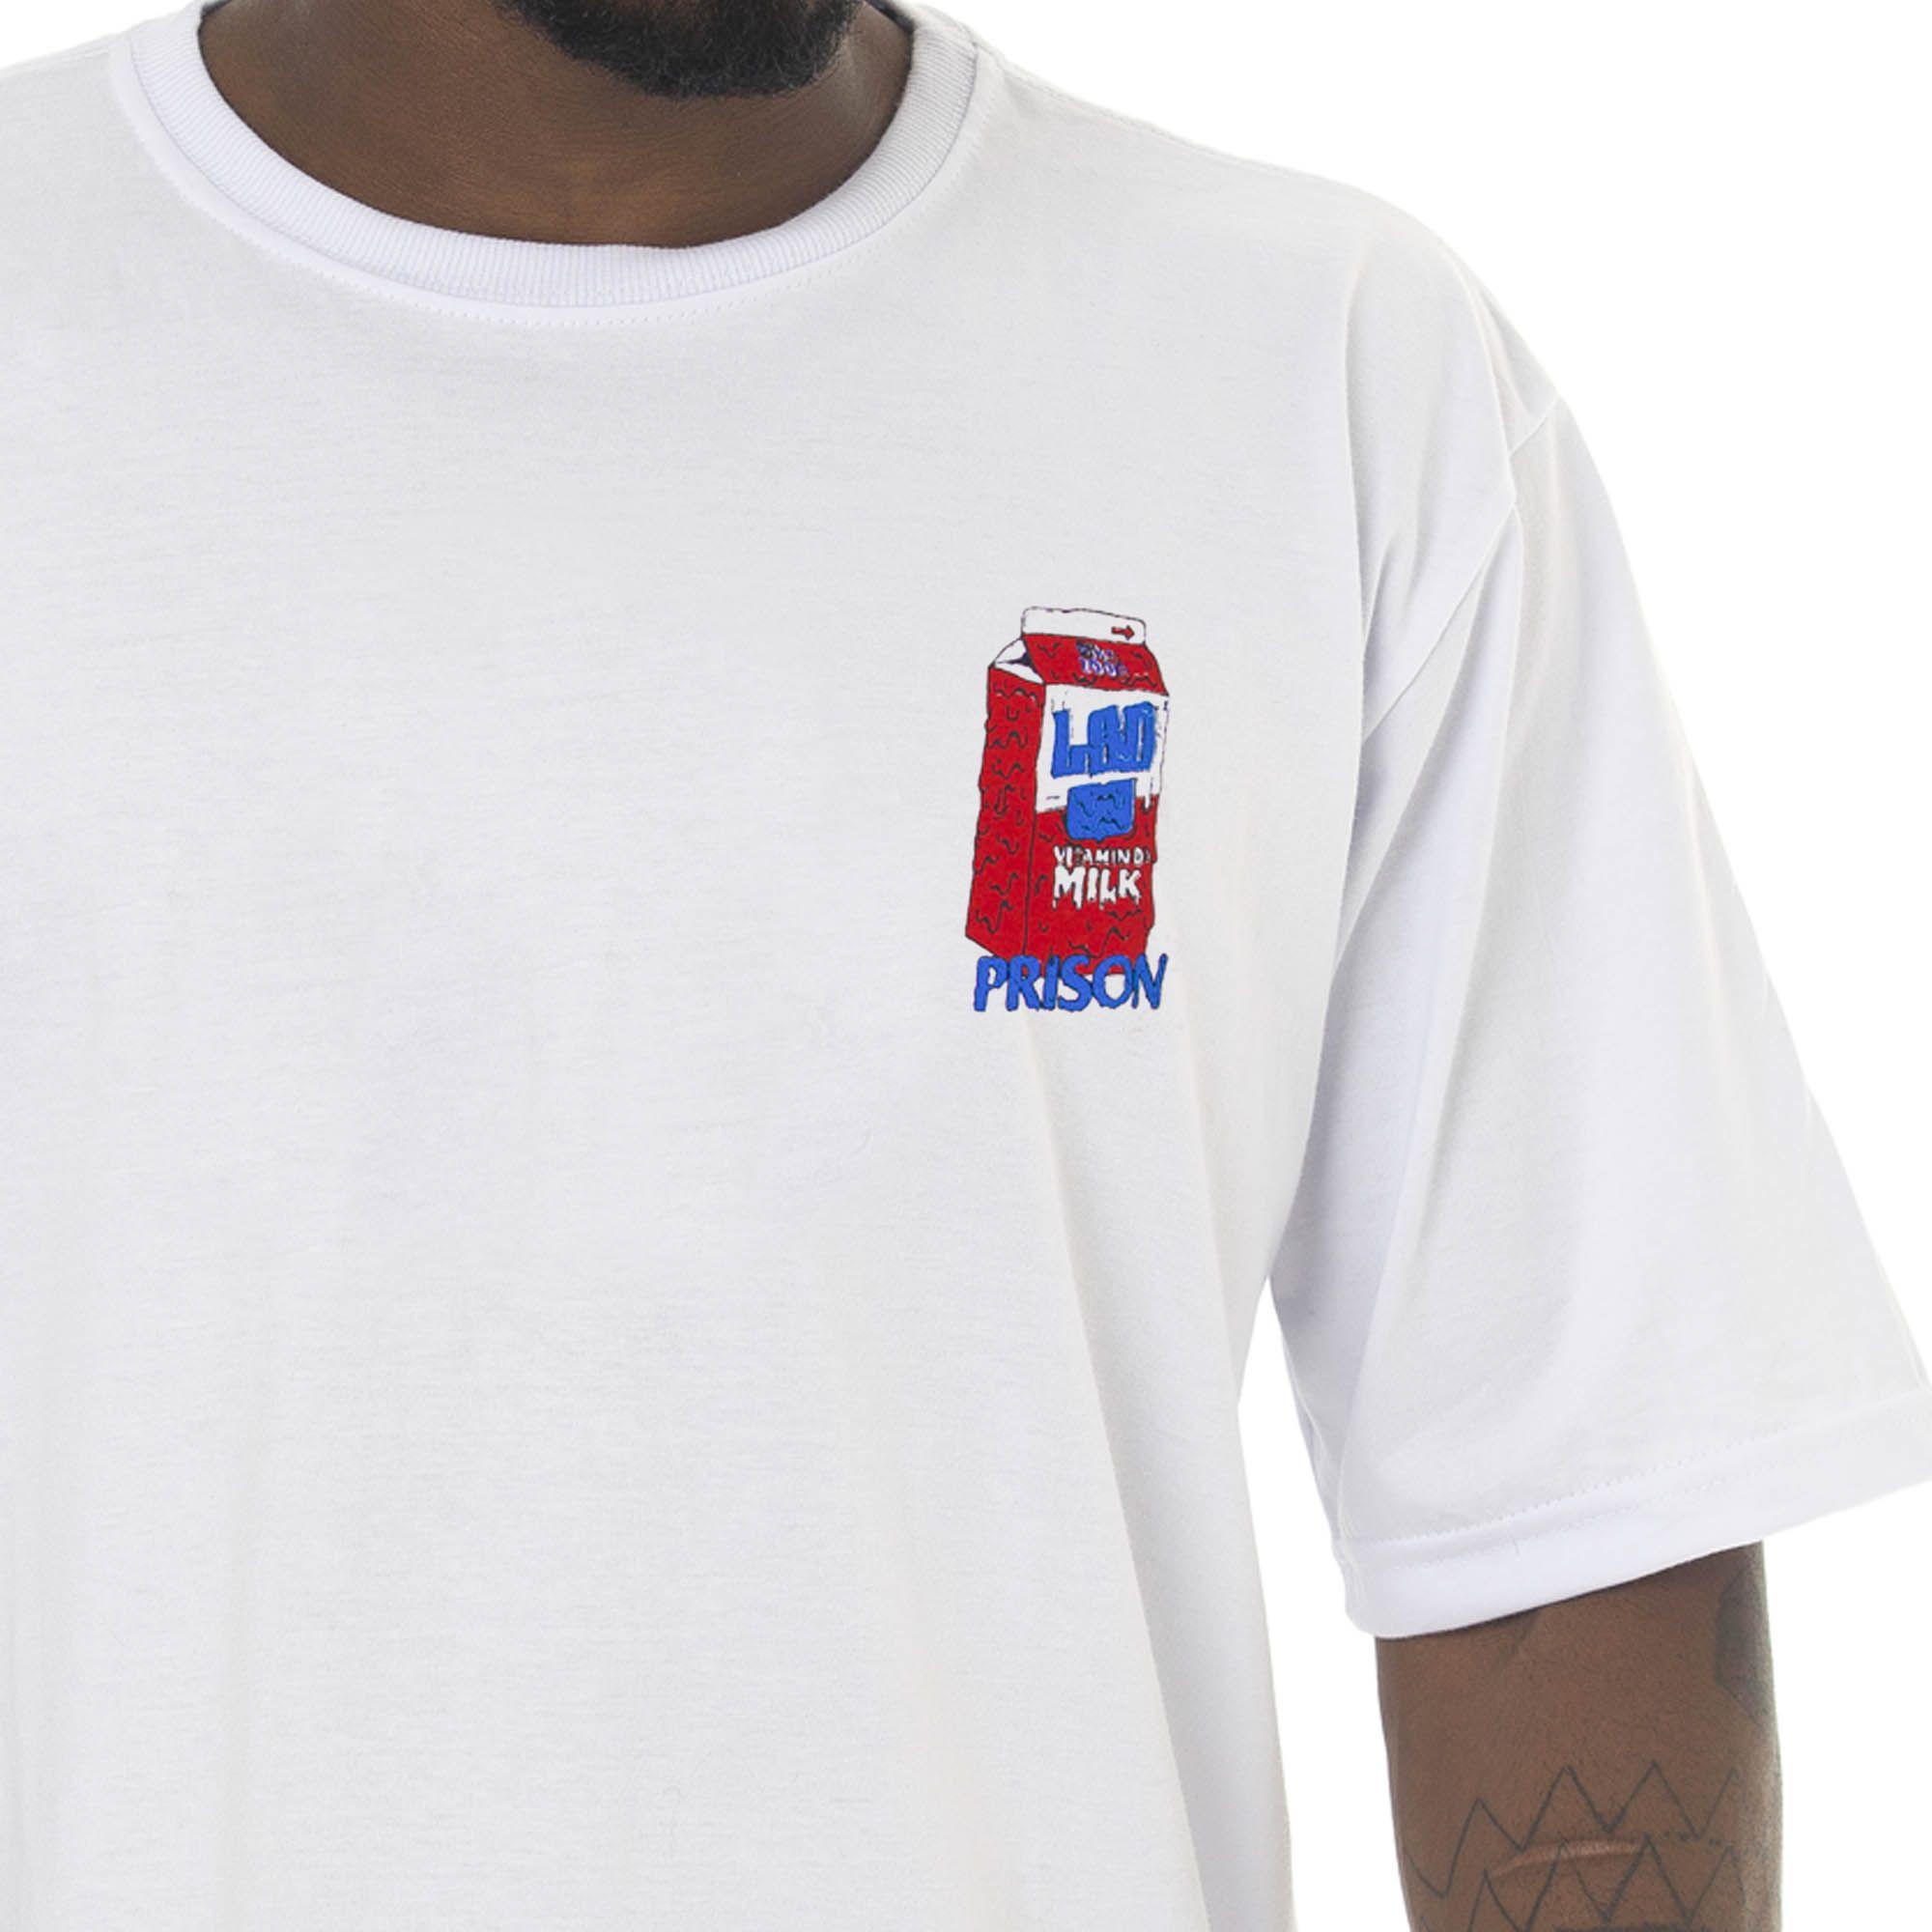 Camiseta Prison Acid Milk Branca